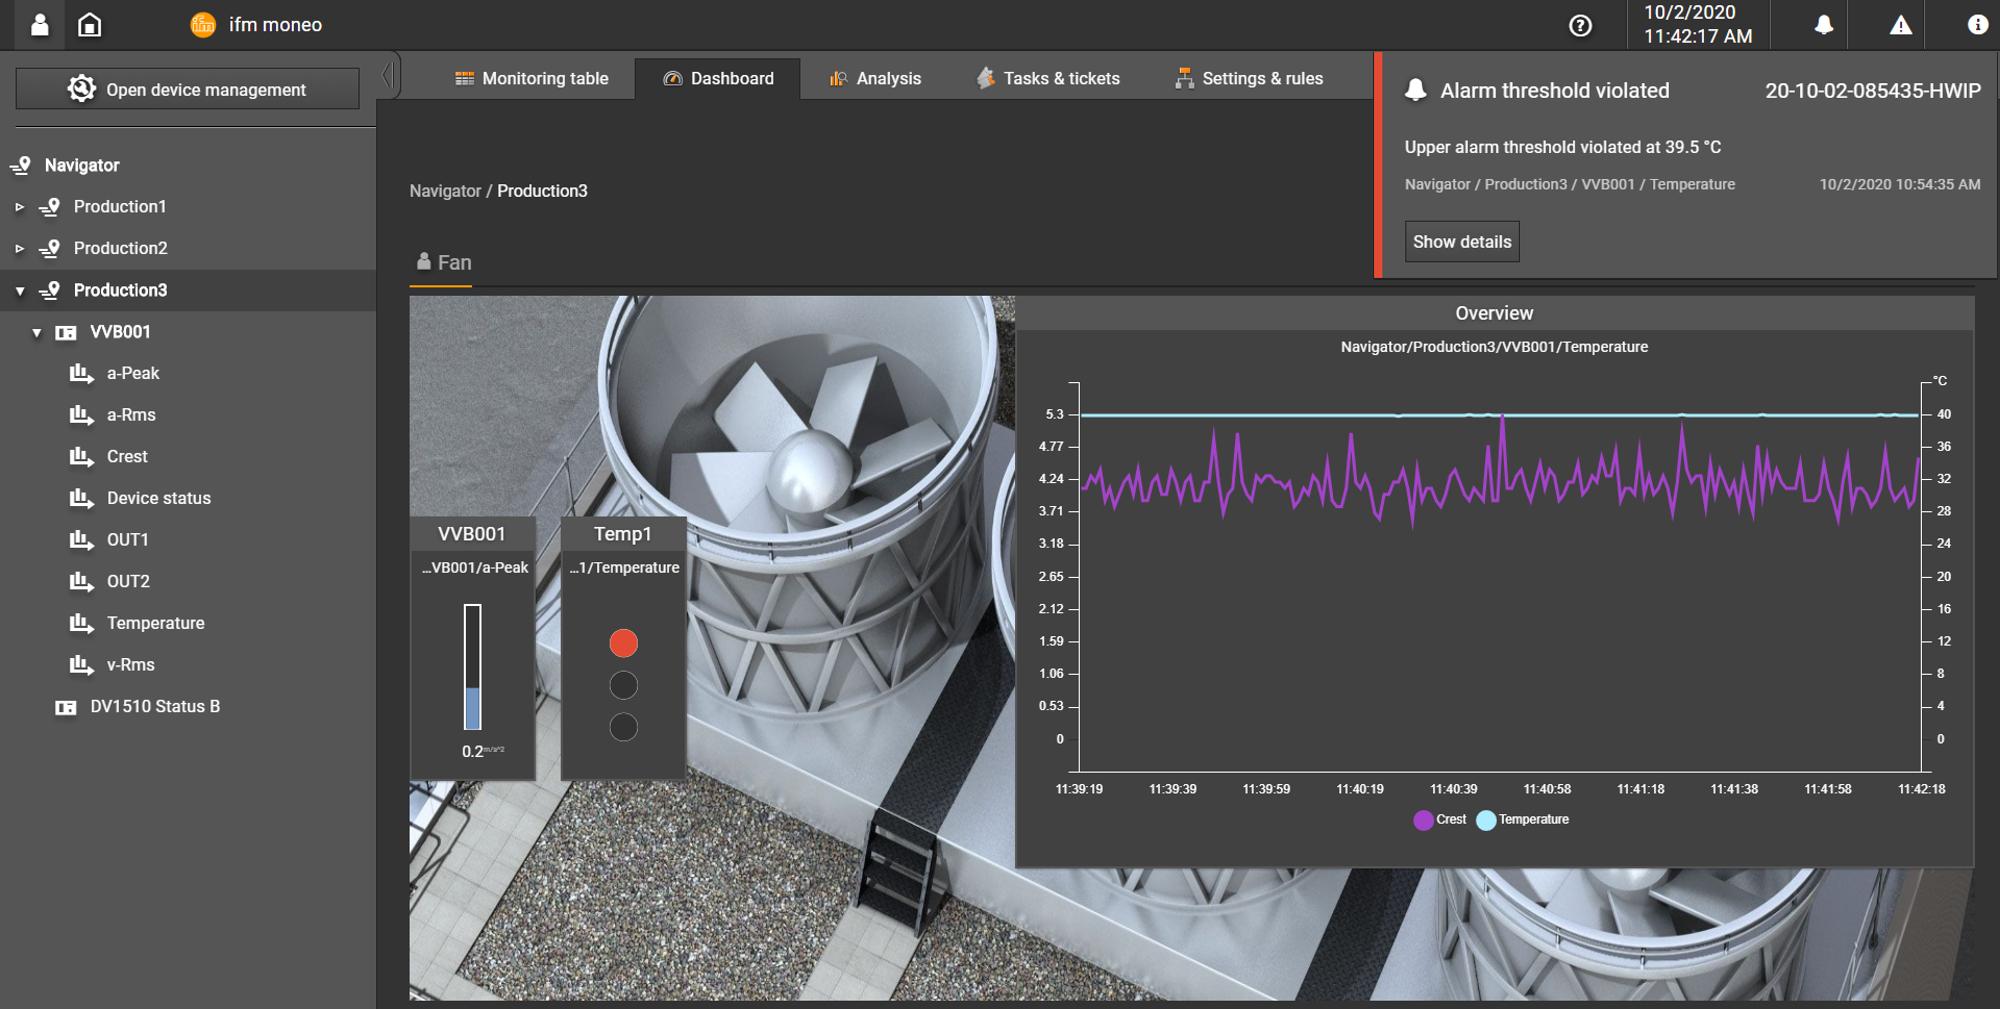 Echtzeit-Wartungsmodul für IFM-Plattform Moneo